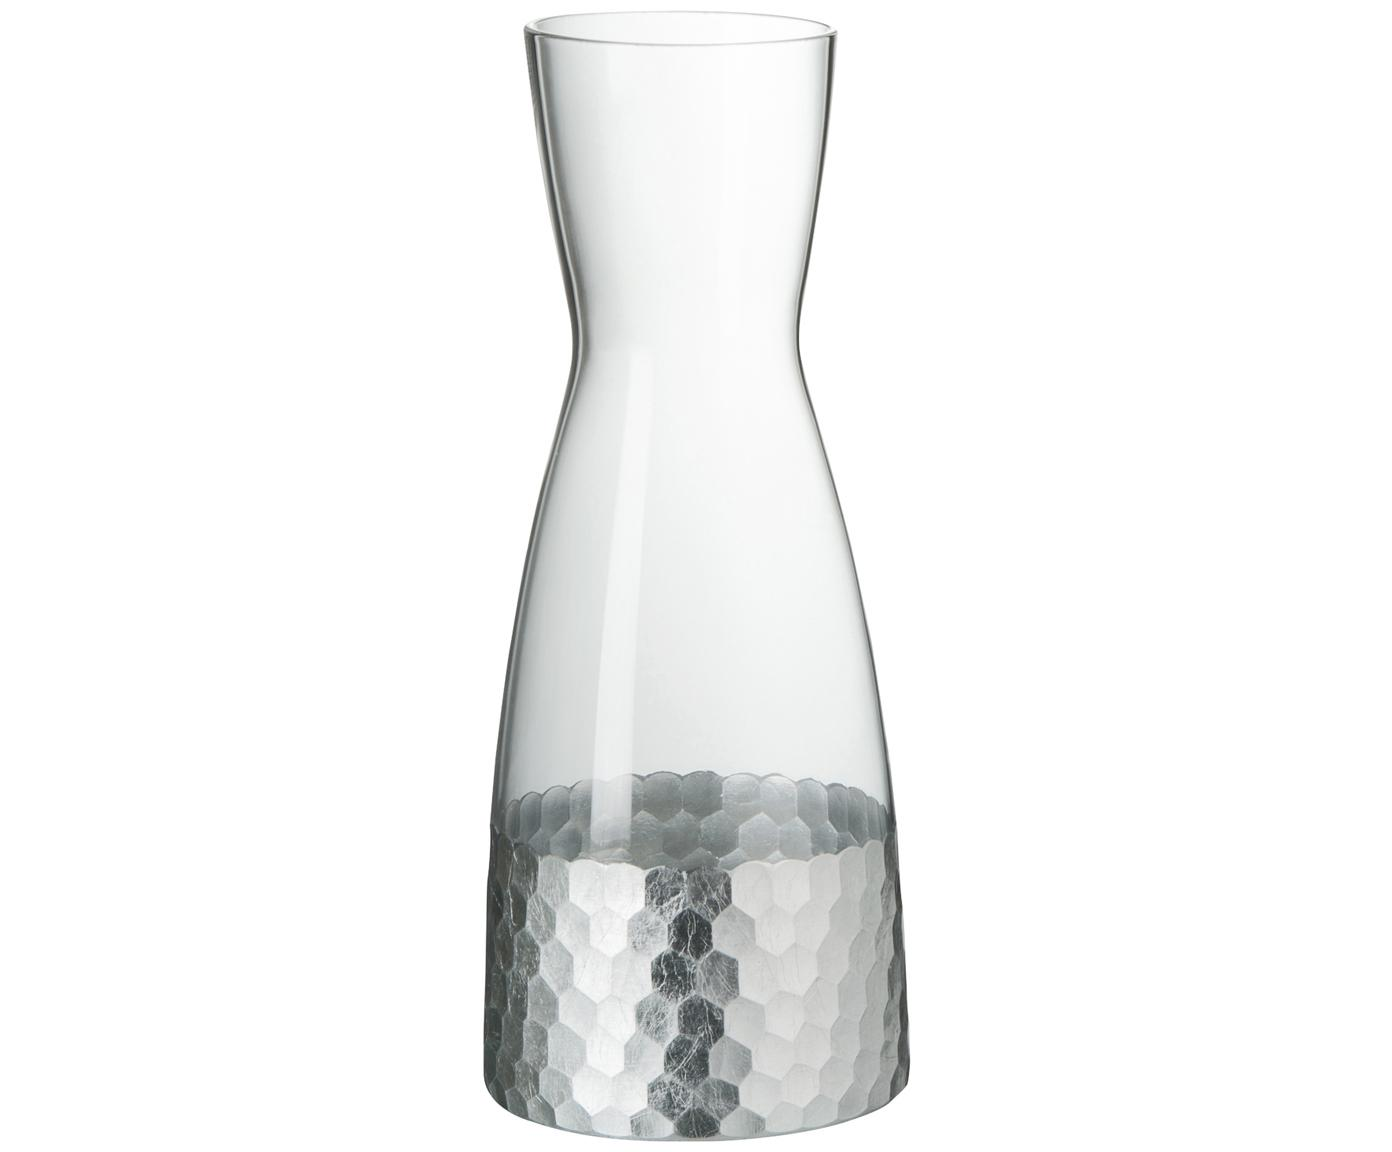 Karafka Wasp, Szkło, Transparentny, srebrnoszary, 1,15 l